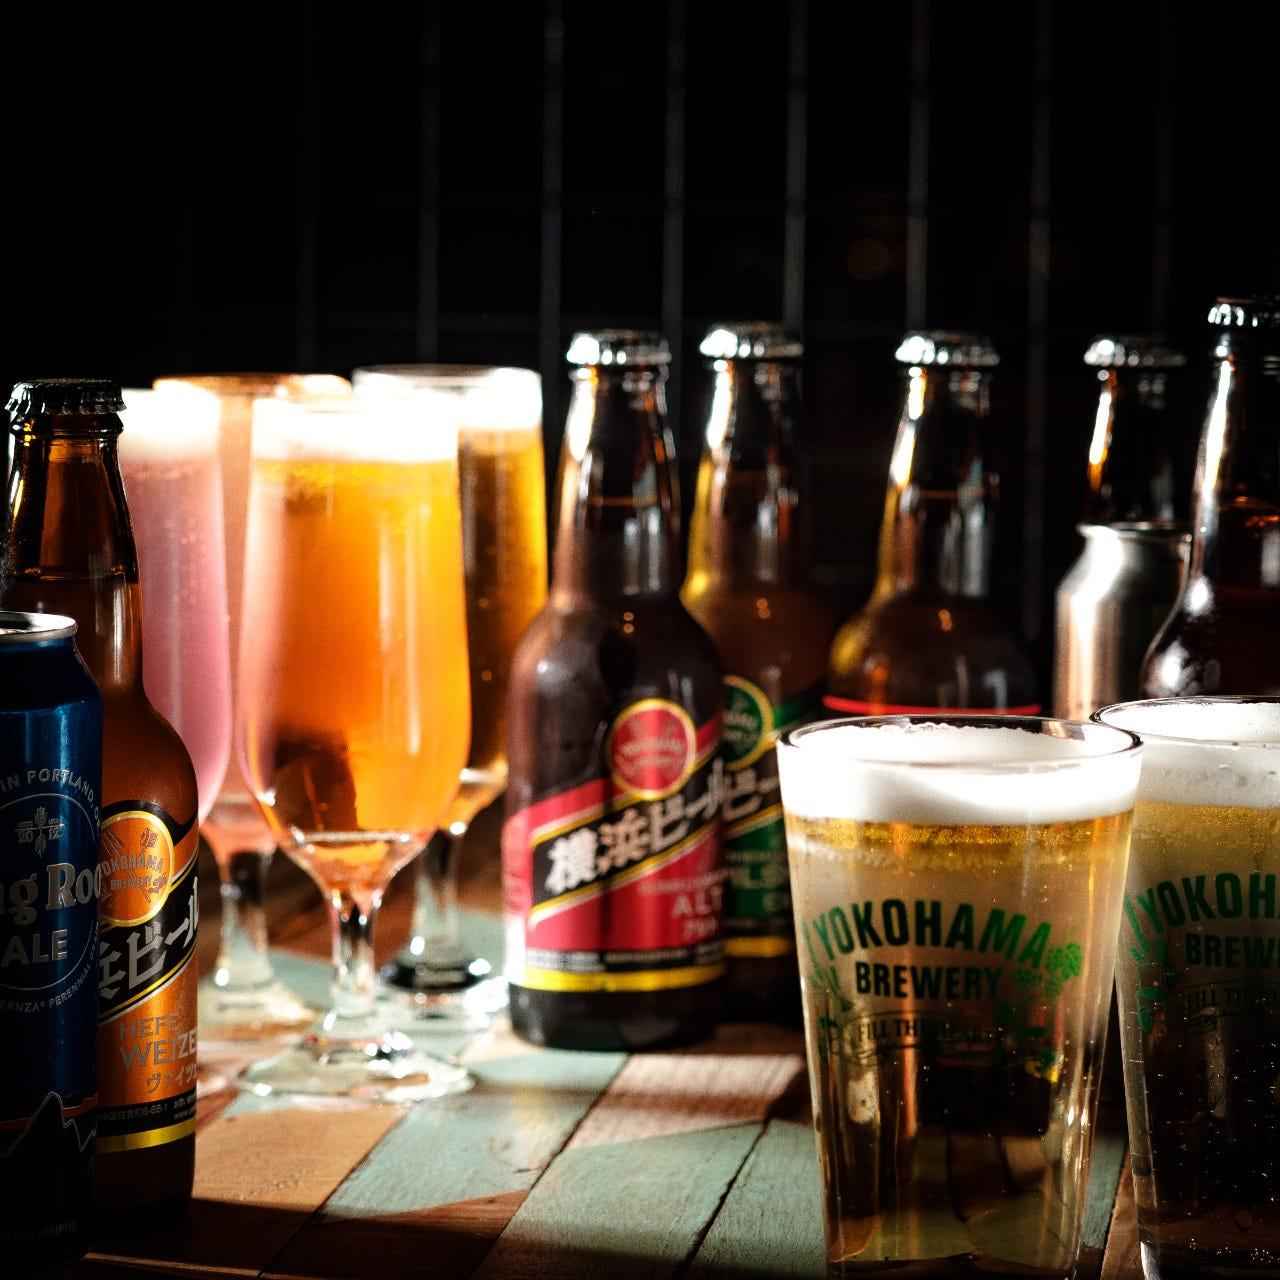 横浜最多!クラフトビールを30種類用意しています!!